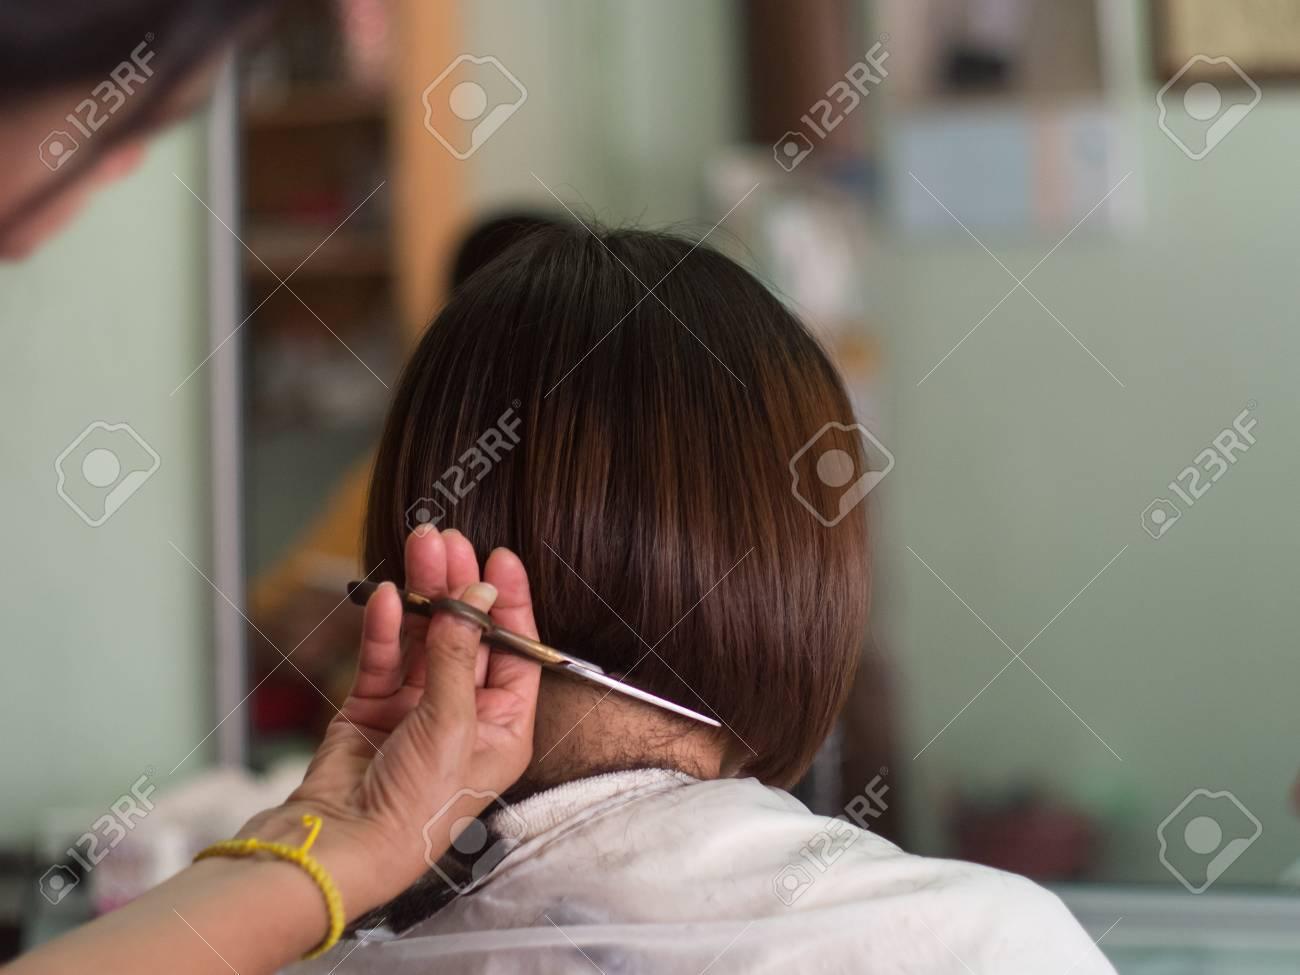 Coiffeur Coupe Les Cheveux Courts Jeune Femme Asiatique Au Salon De Beaute Banque D Images Et Photos Libres De Droits Image 61007084